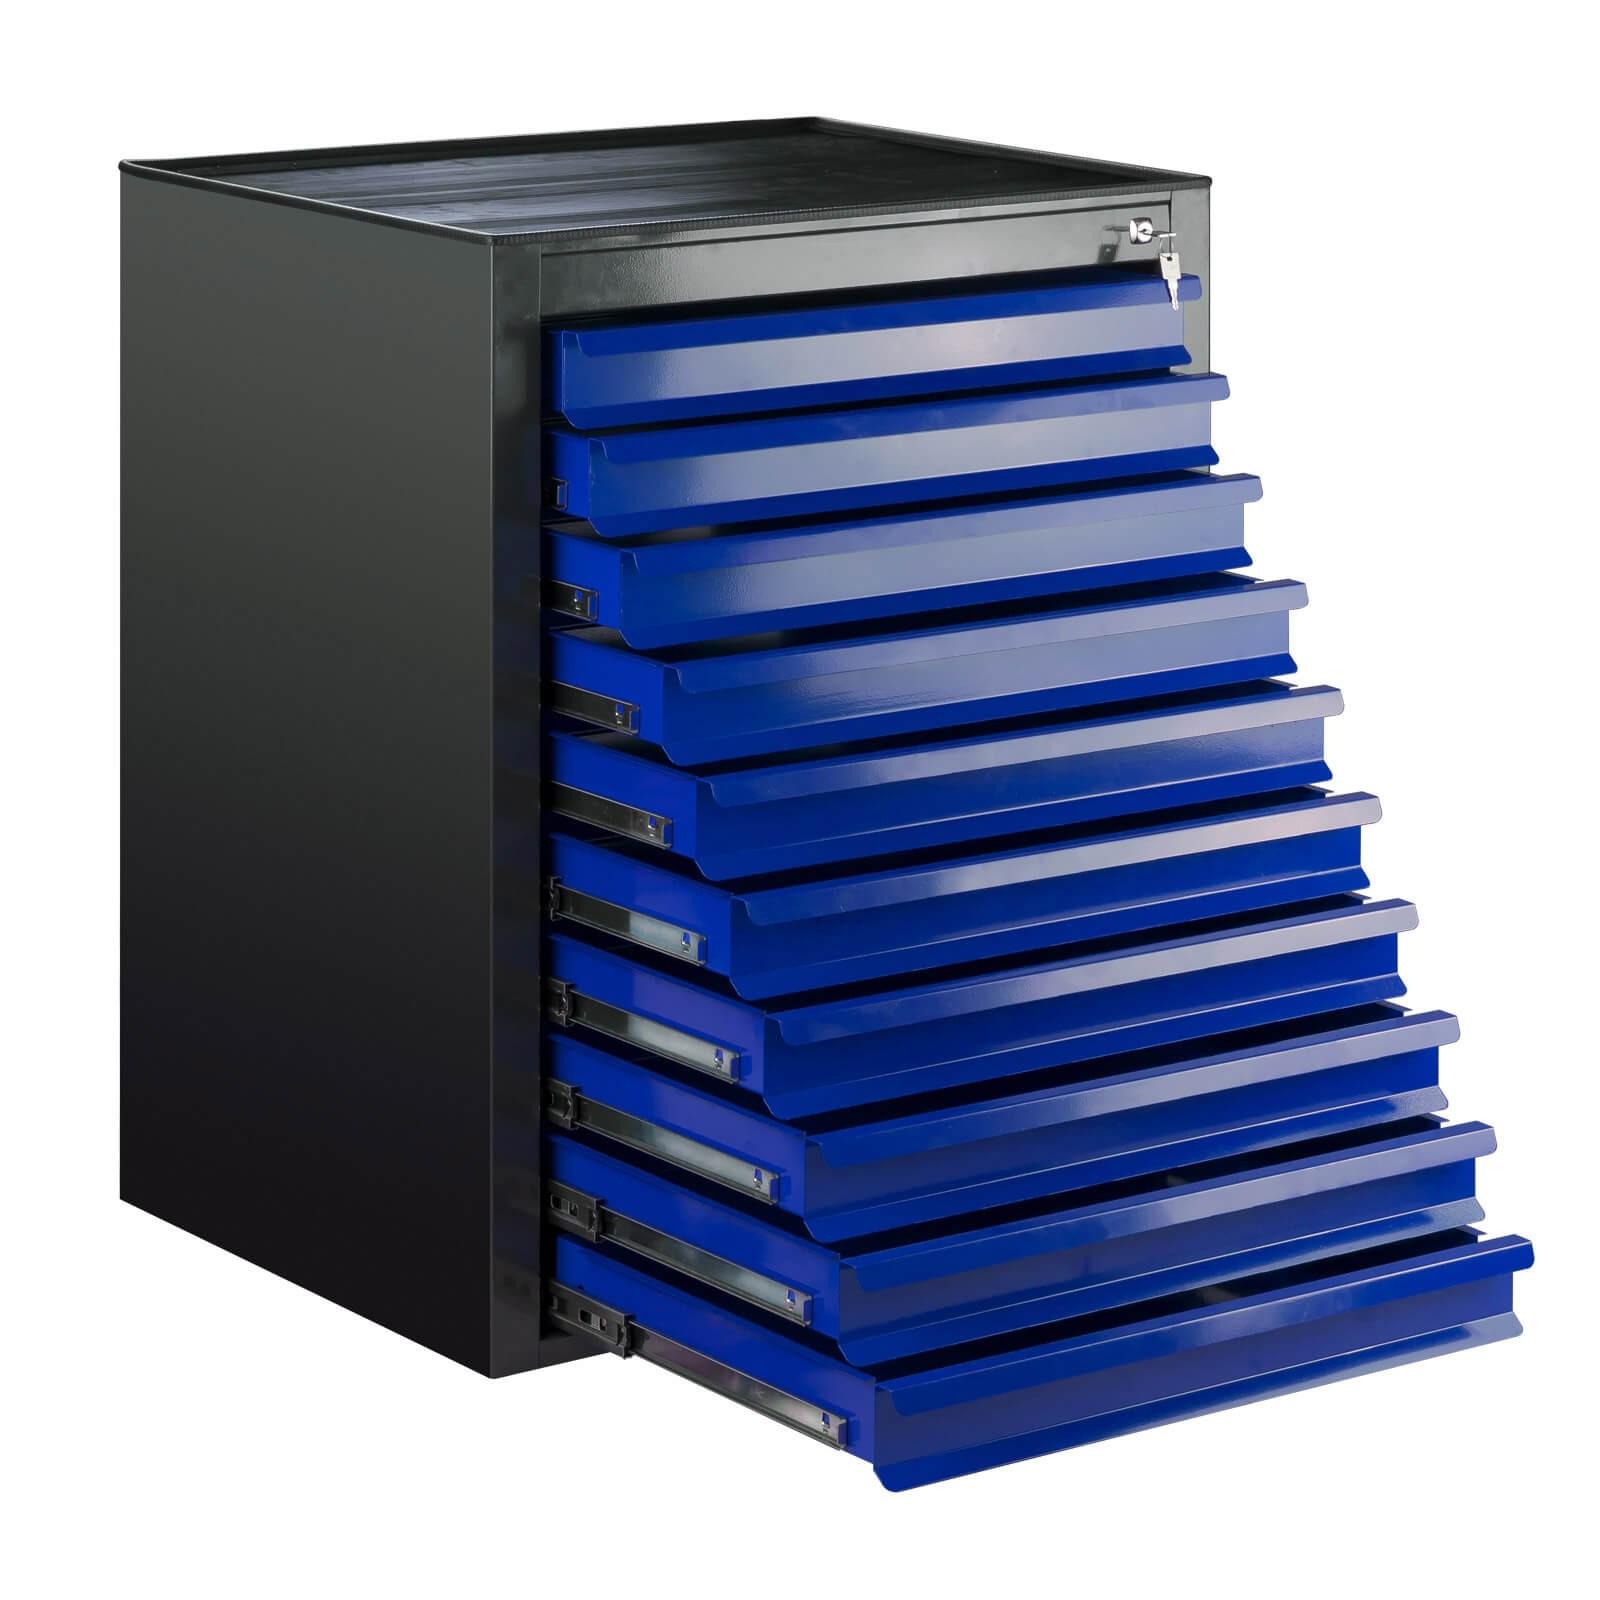 metall schubladenschrank werkzeugschrank fernando 10 schubladen anth blau ebay. Black Bedroom Furniture Sets. Home Design Ideas